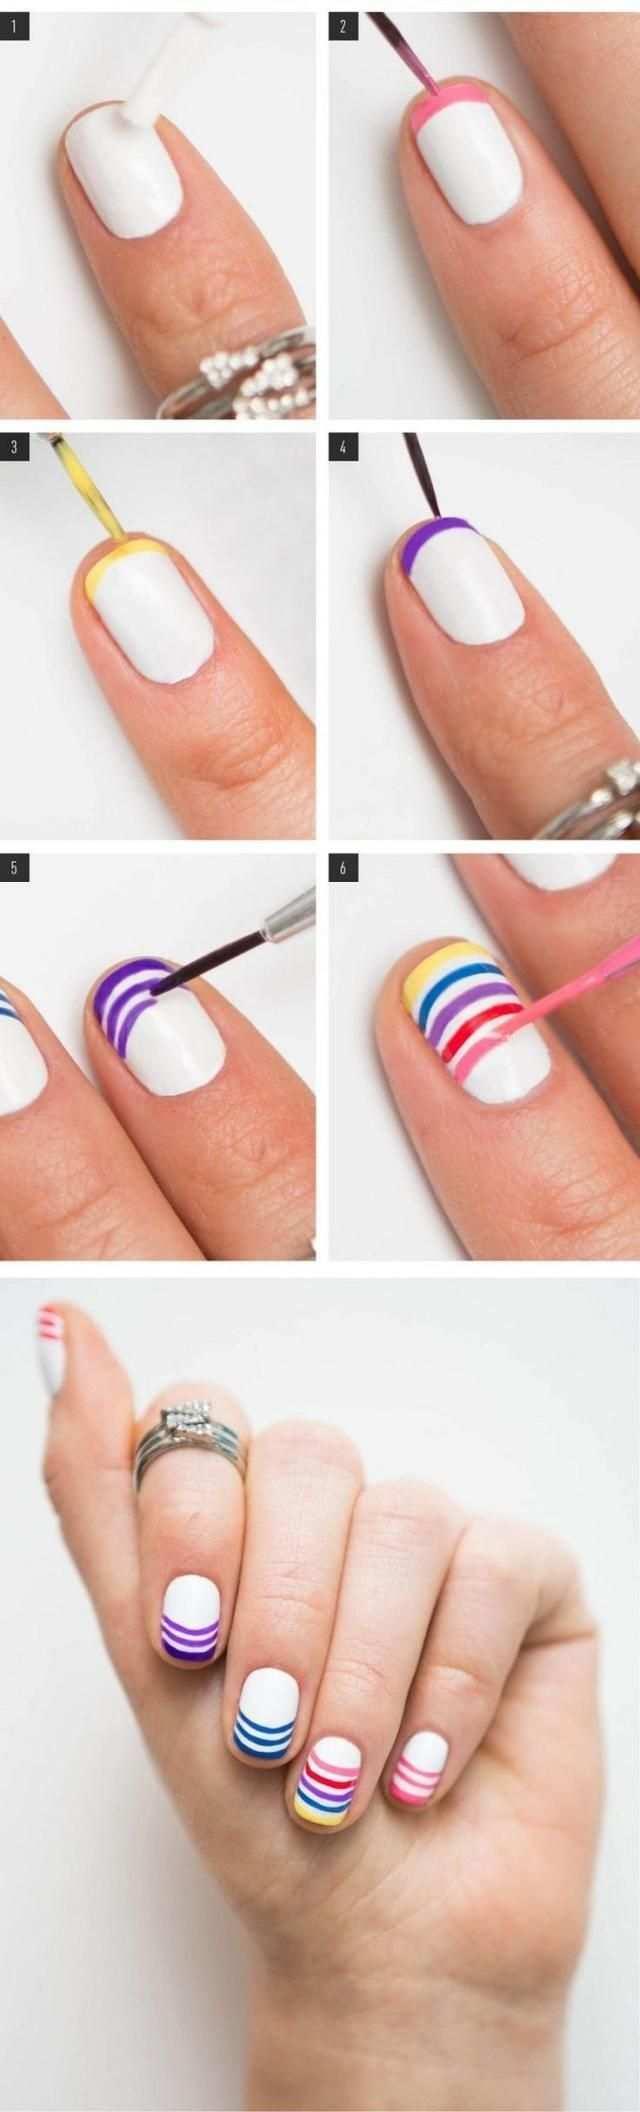 Fingernagel Design Und Muster 29 Ideen Zu Nagel Selber Machen Einfach In 2020 Regenbogen Nagel Naildesign Nagel Selber Machen